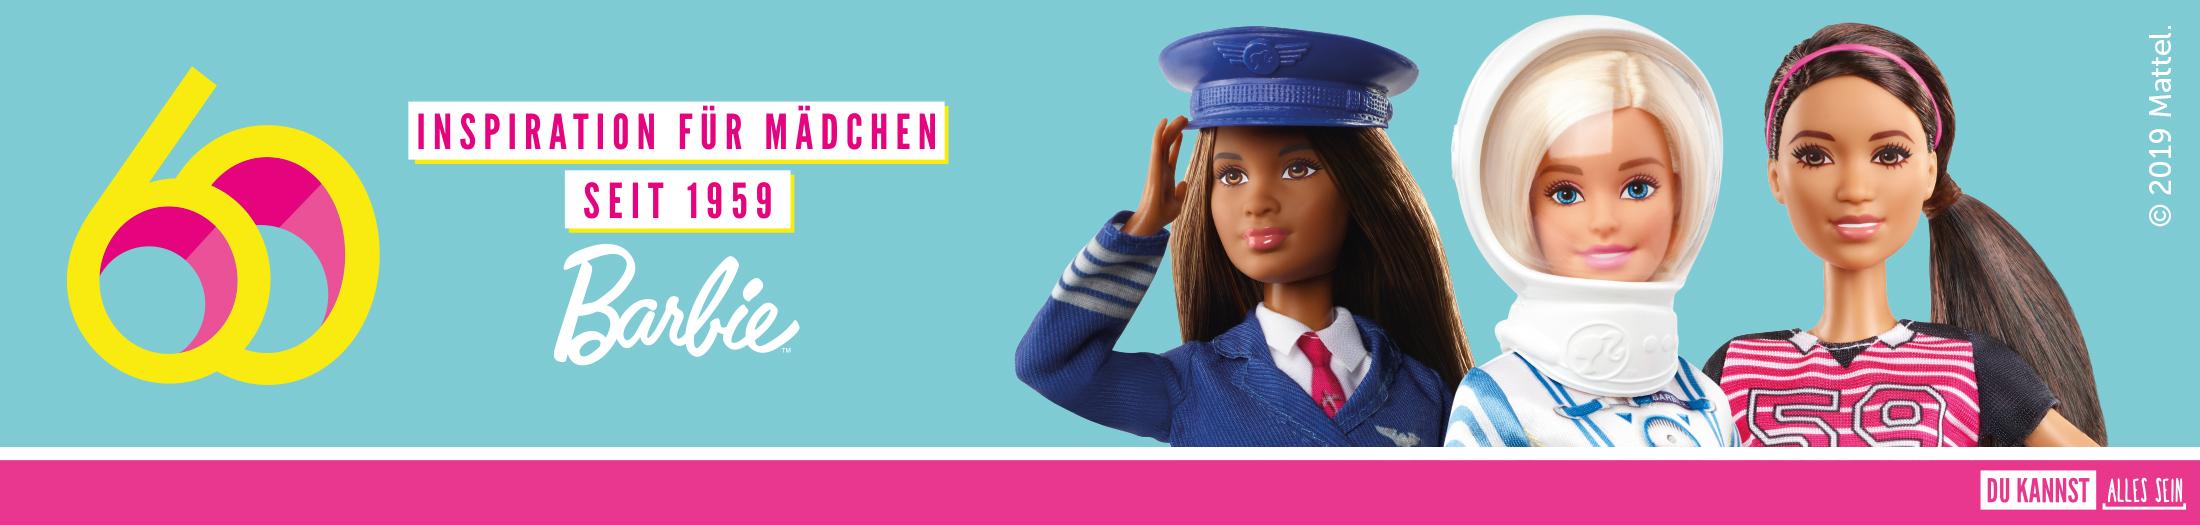 Barbie - 60 Jahren